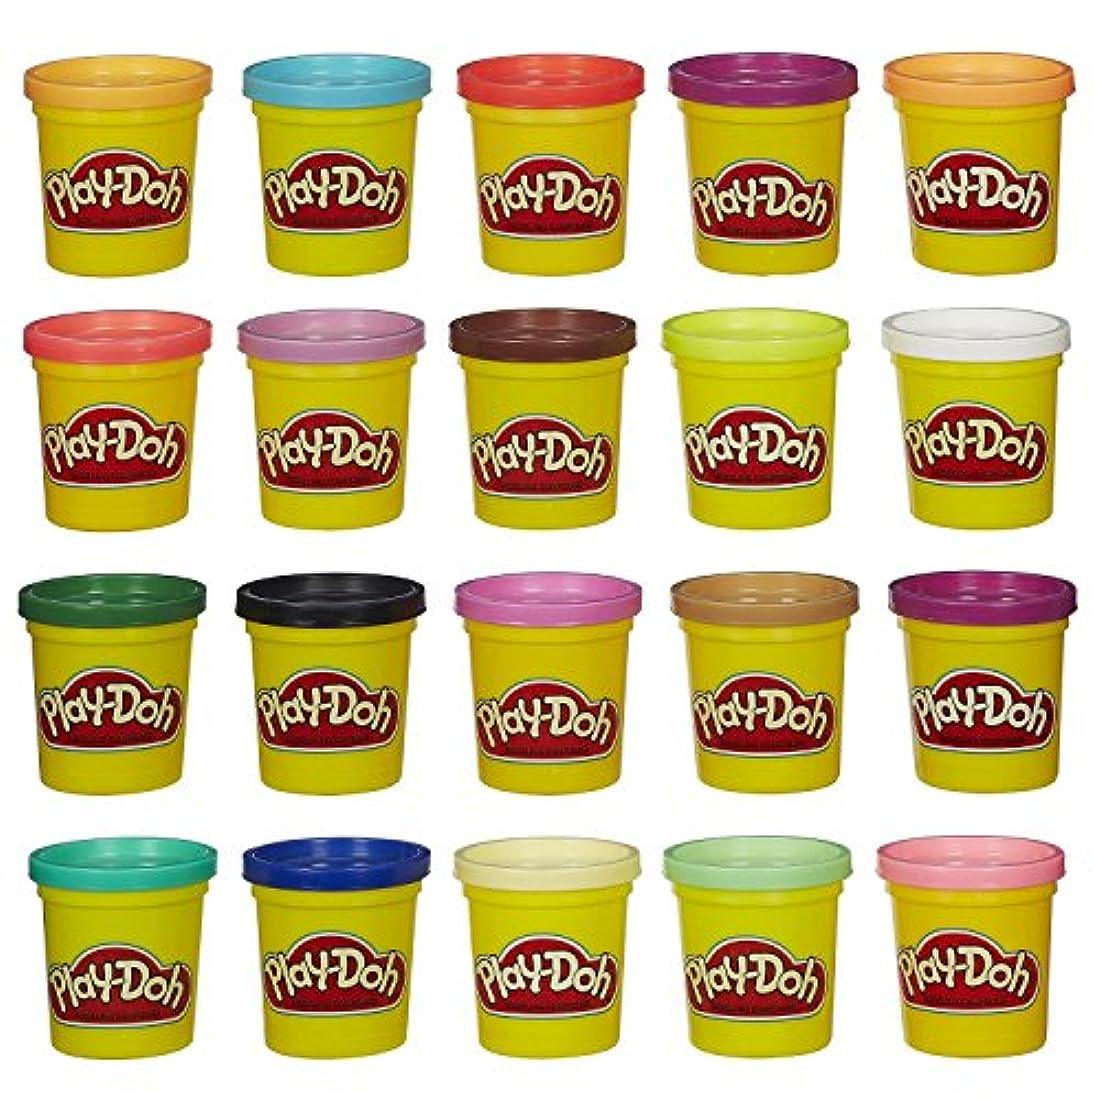 珍しい振動させる改善プレイドー Play-doh 小麦ねんどスーパーカラーパック20色セット [並行輸入品]